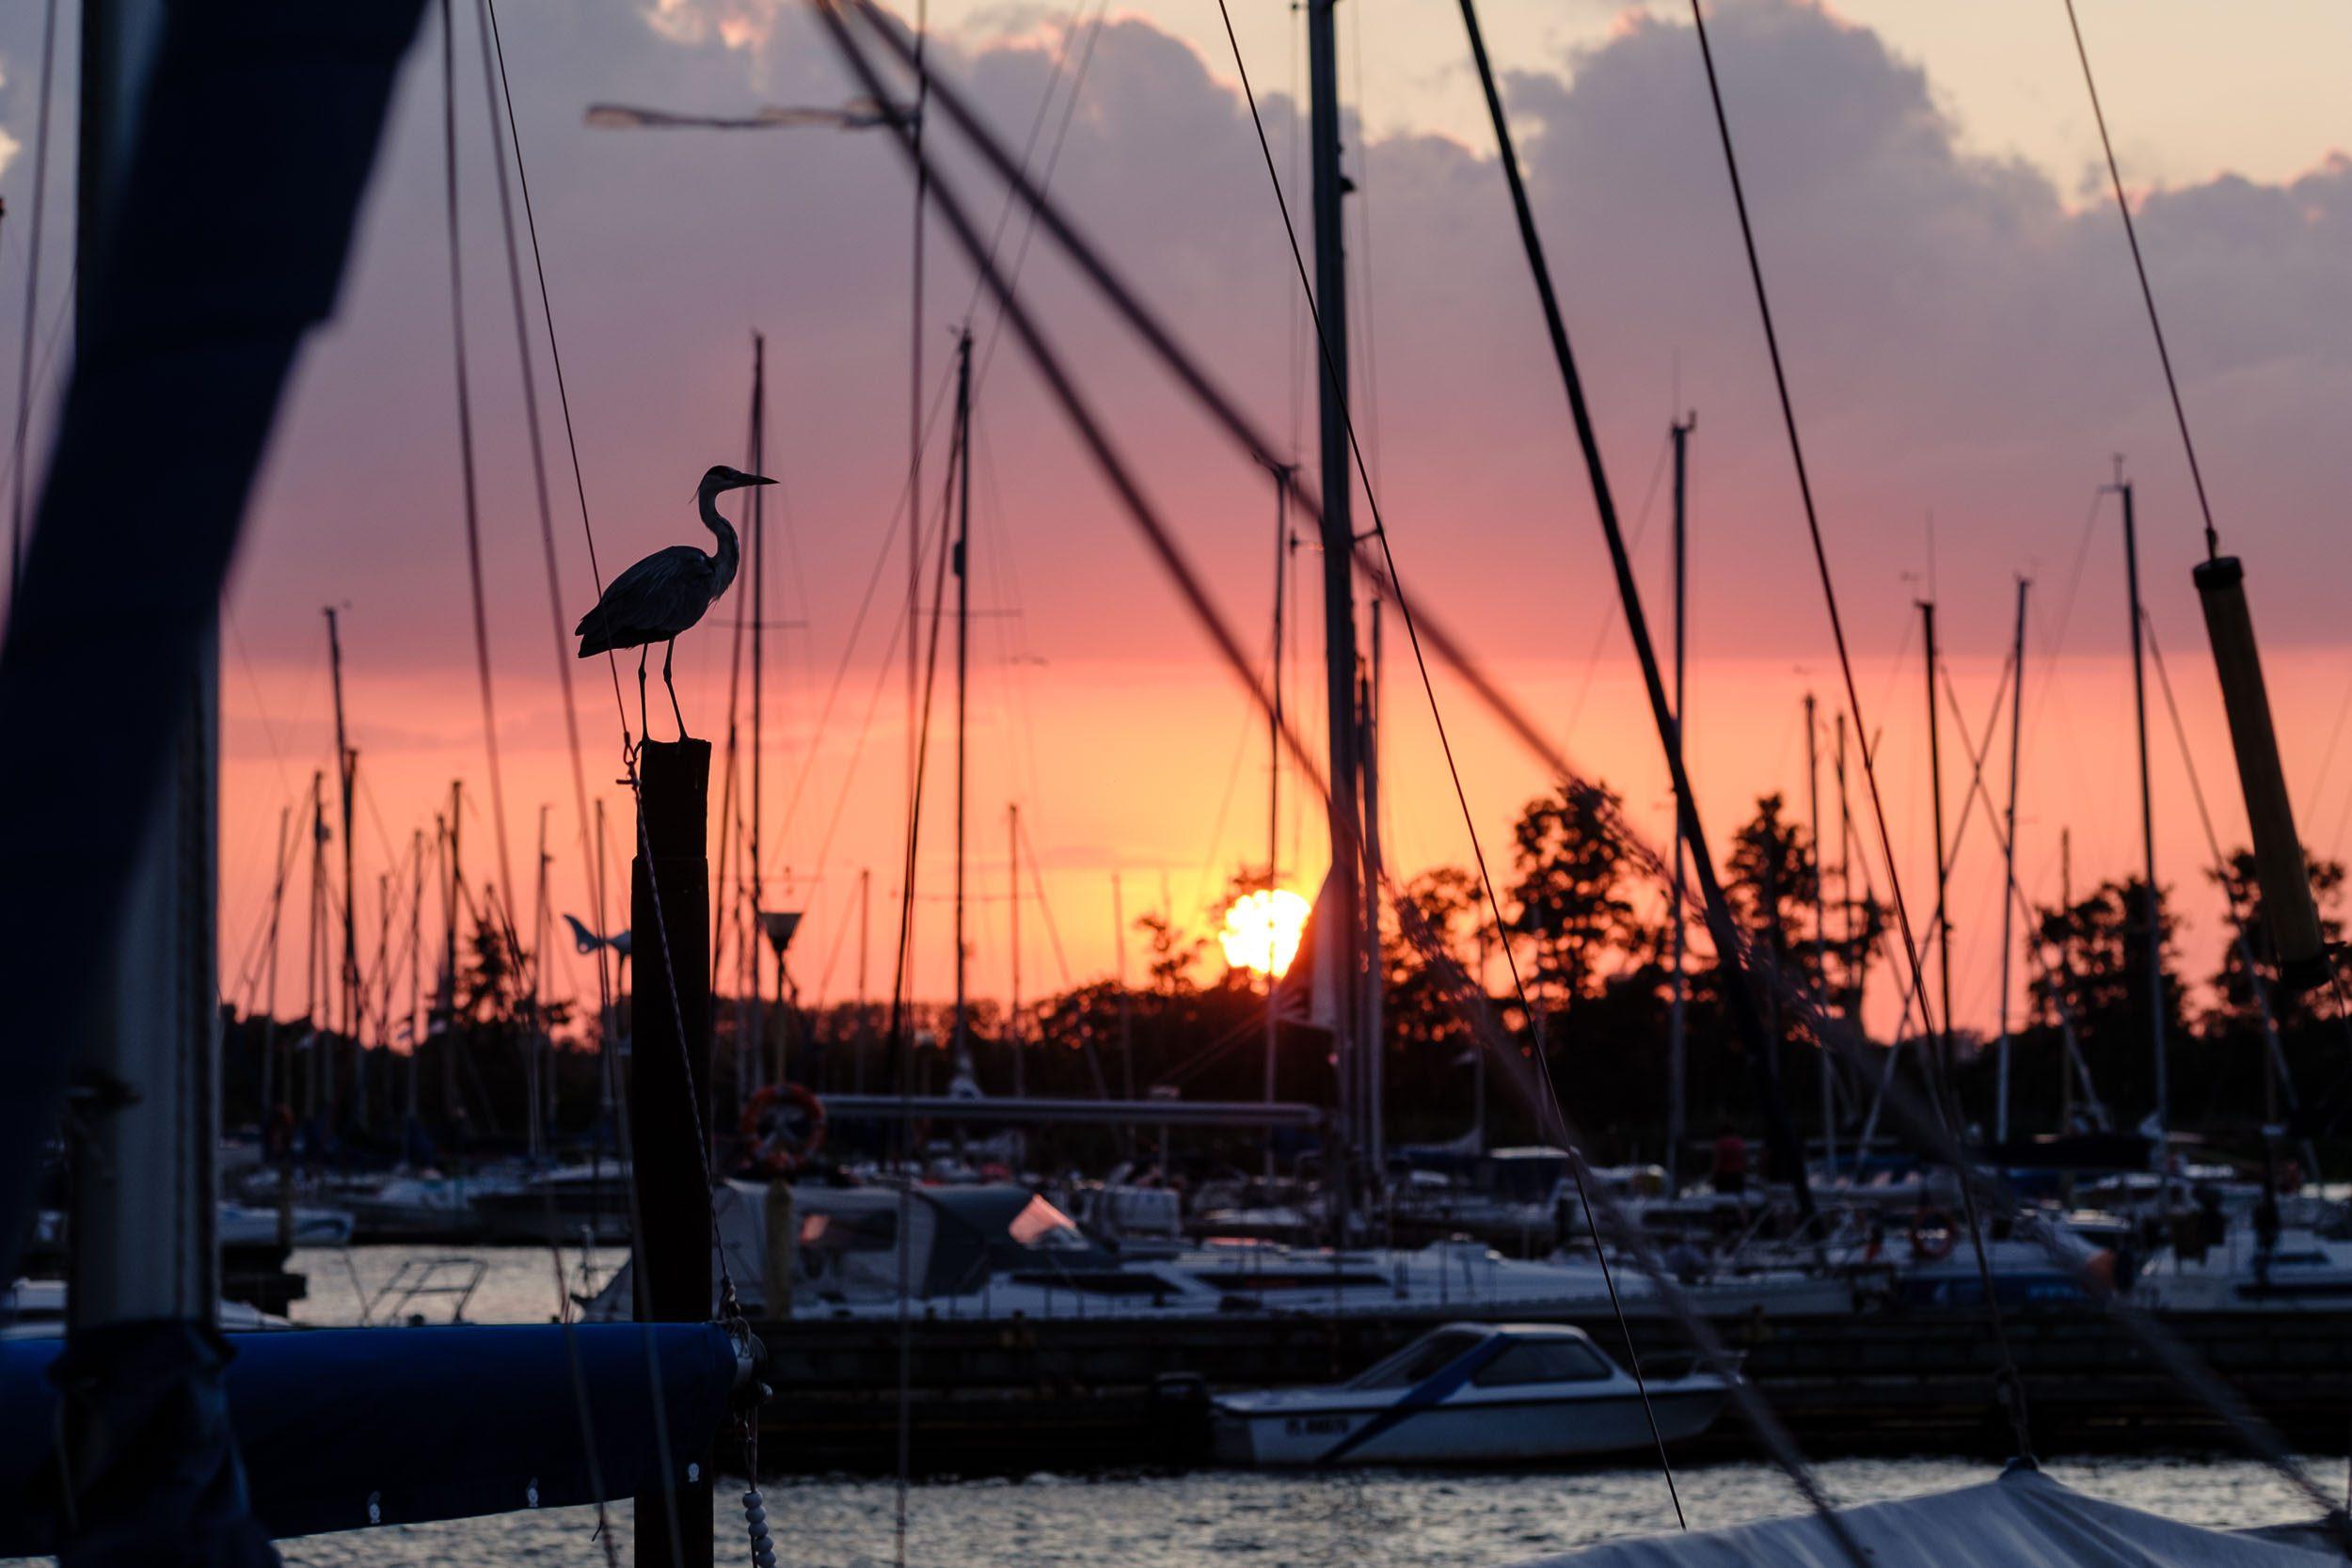 Sonnenuntergang Stettiner Hafen